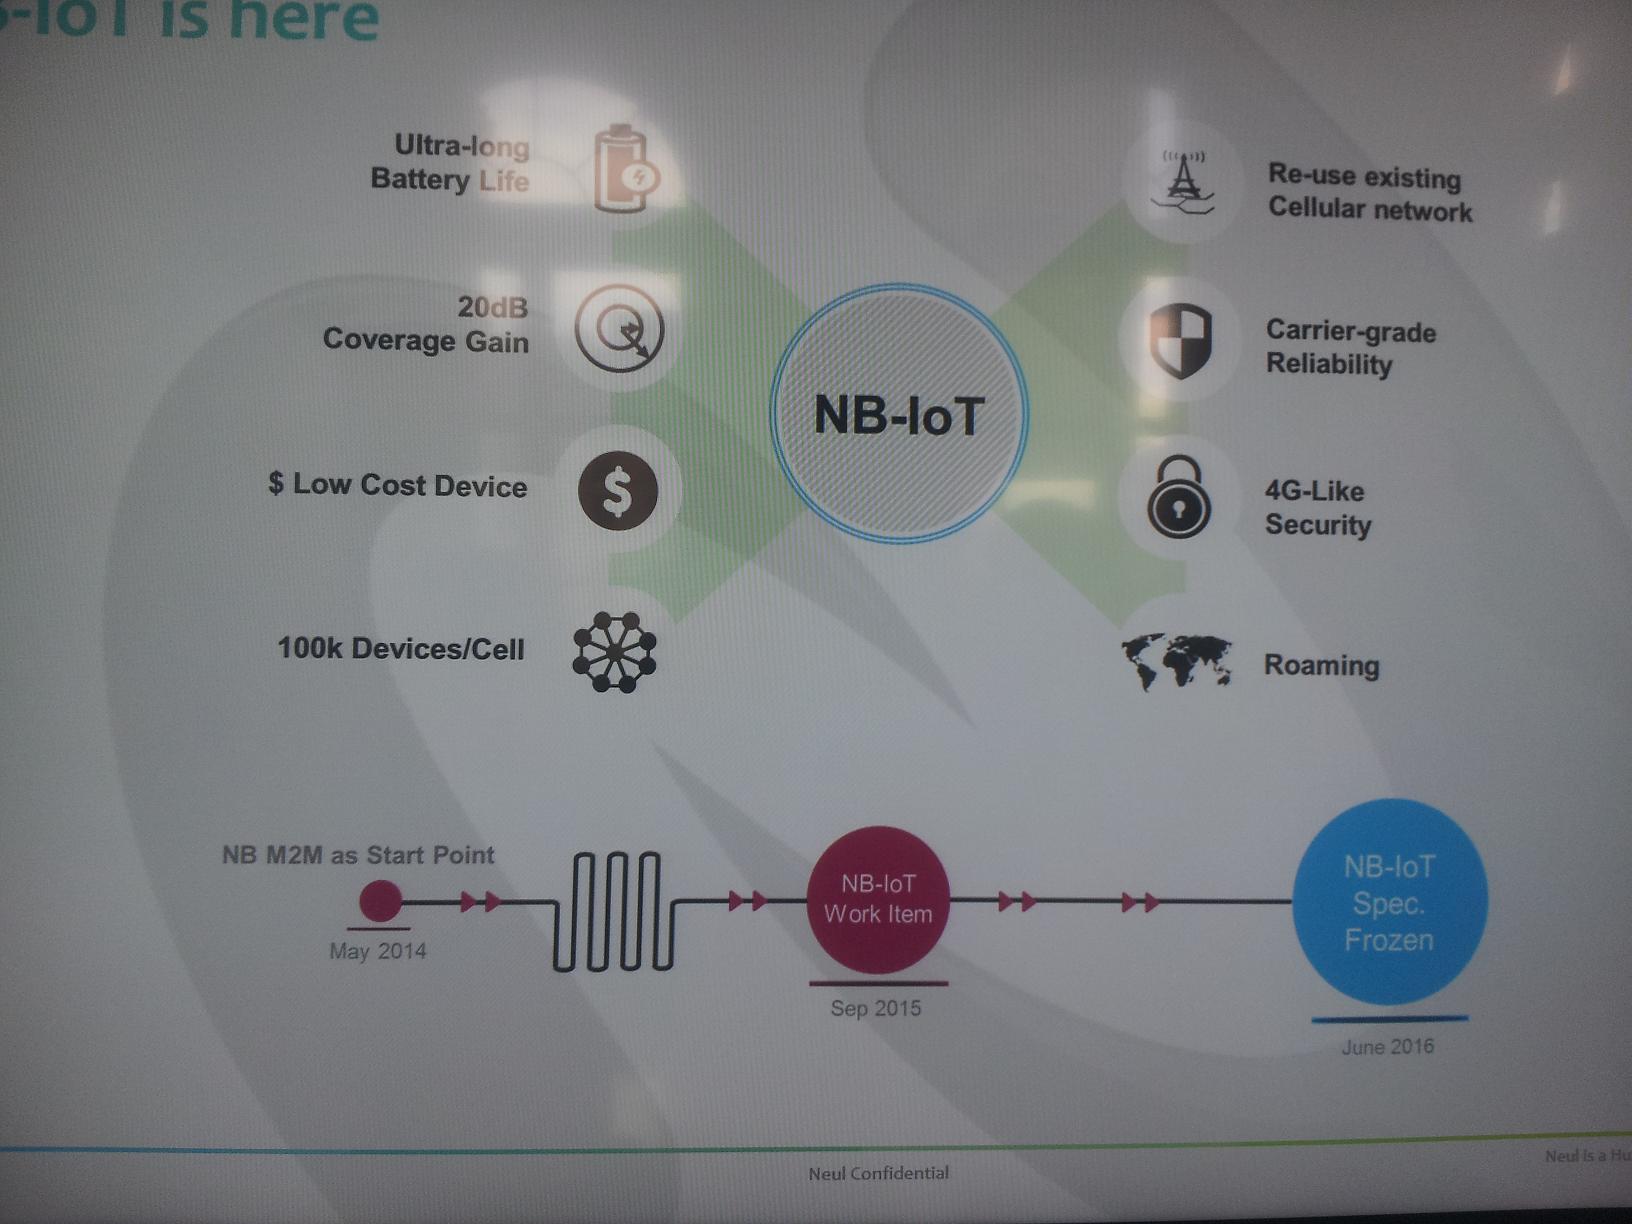 Les atouts de NB-IoT